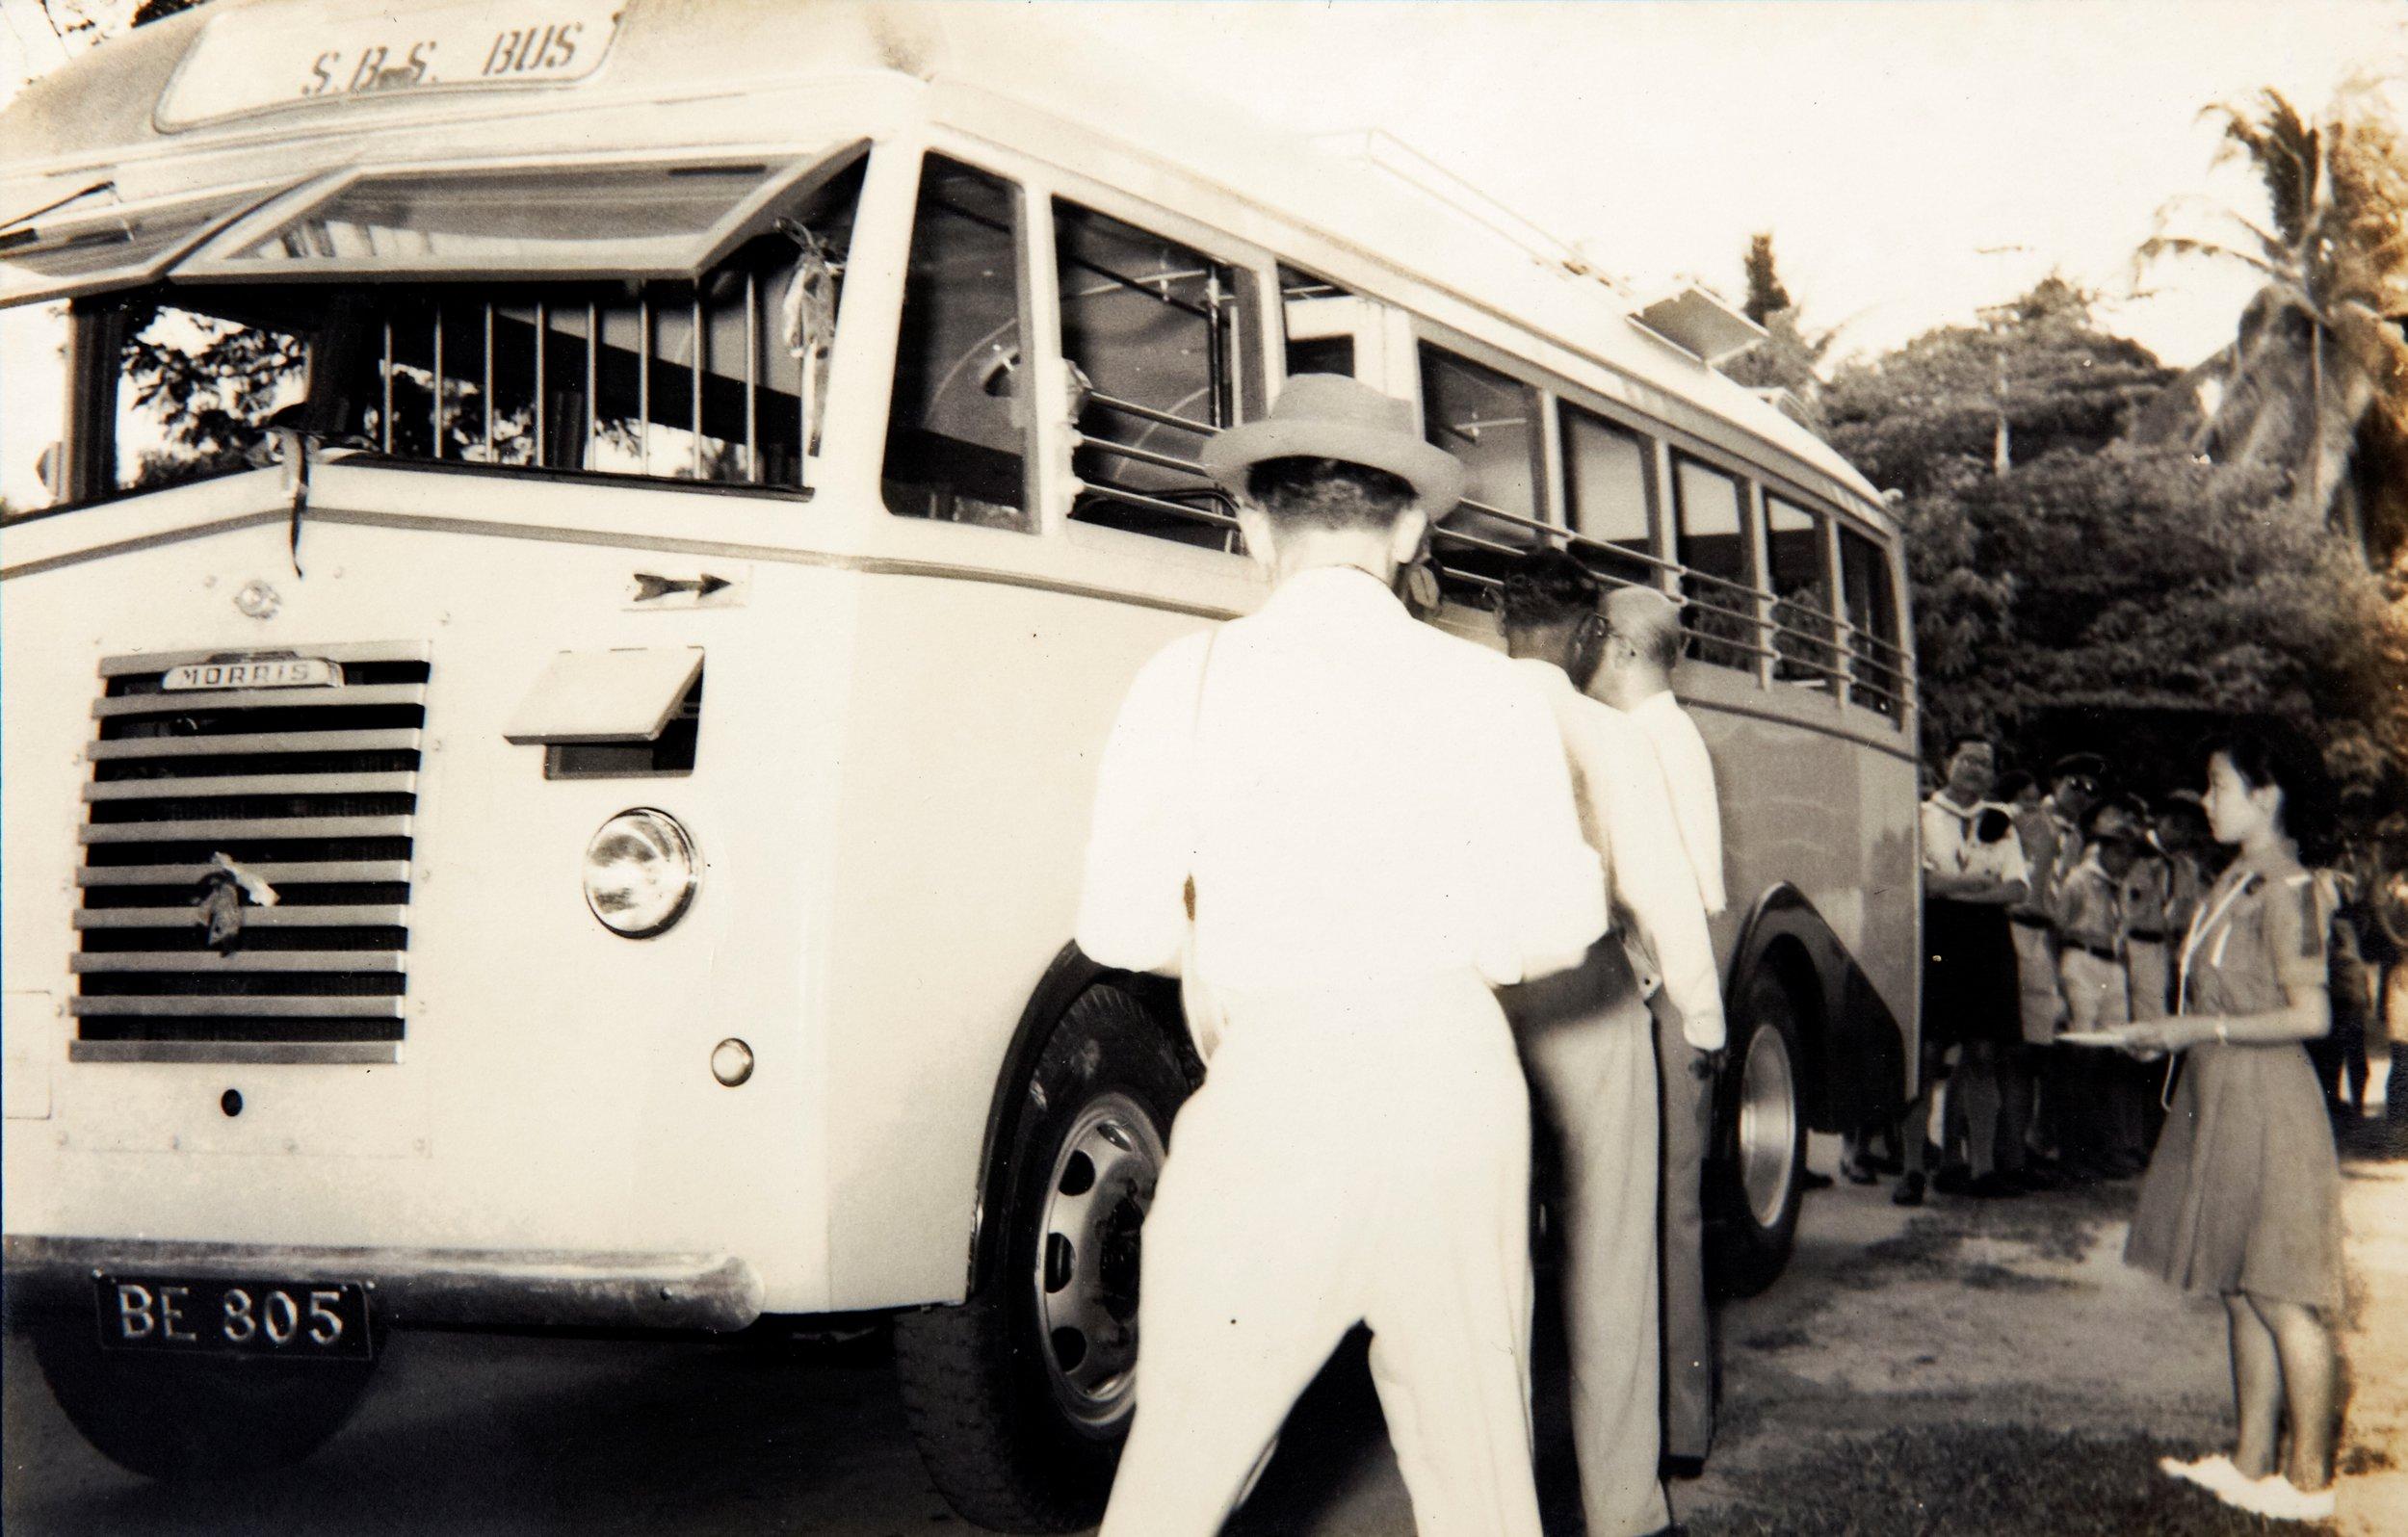 为院民提供交通便利的参议会巴士。(照片由双溪毛糯麻疯病院参议会提供)